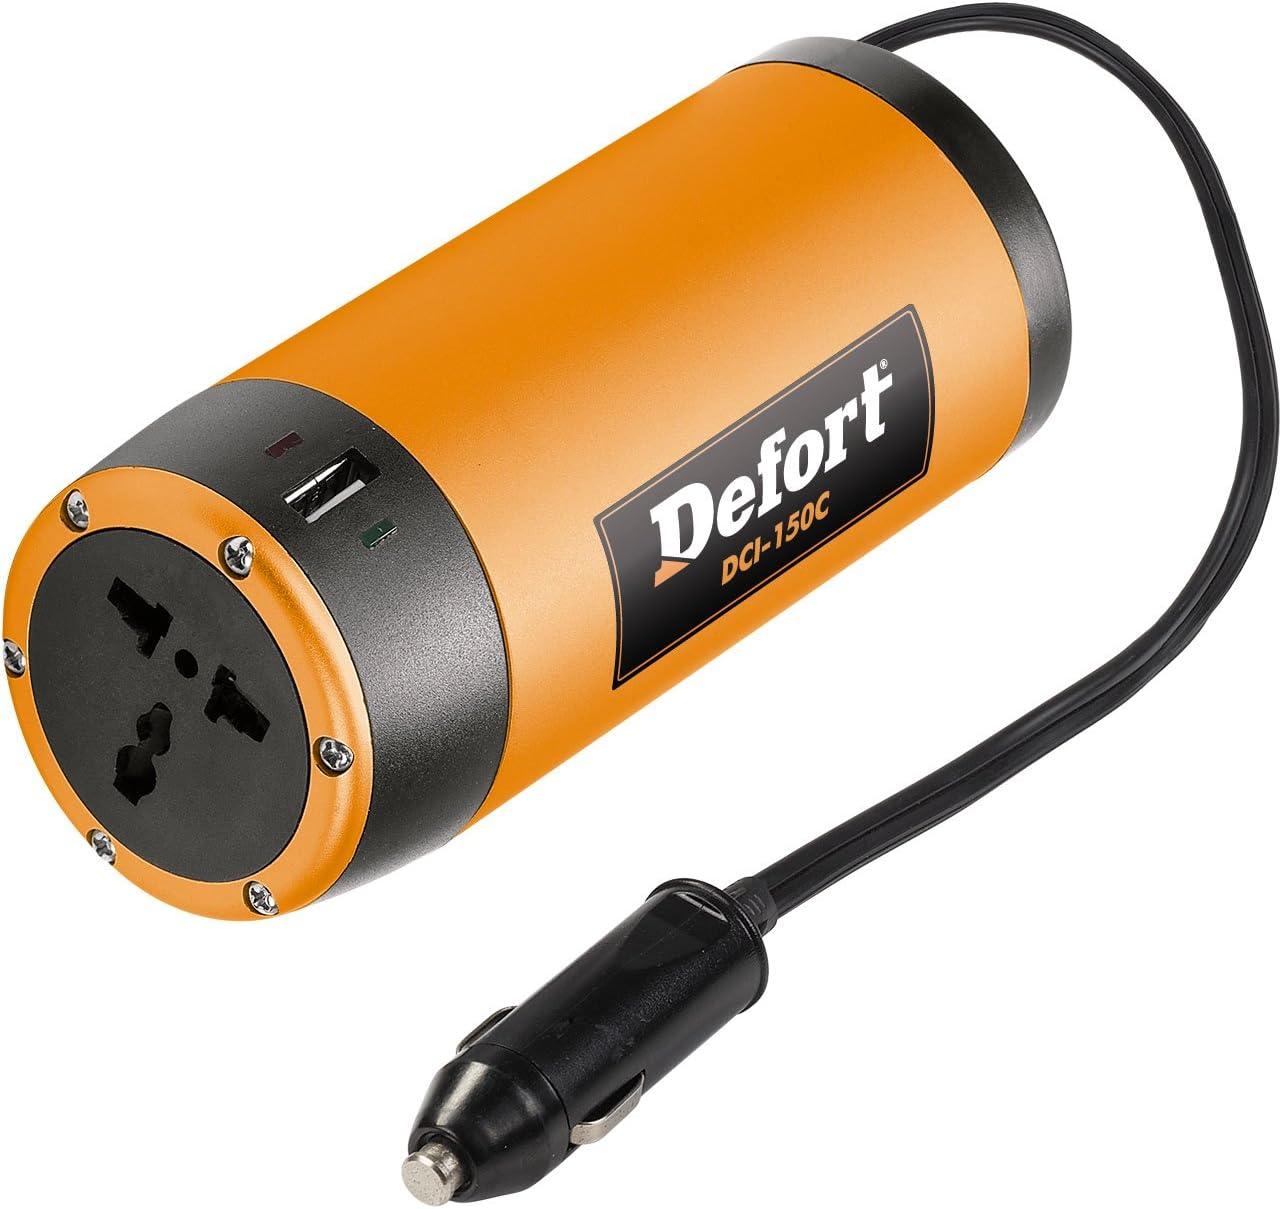 Defort DCI-150C Inversor de corriente para autom/óviles DC 12V AC 230V